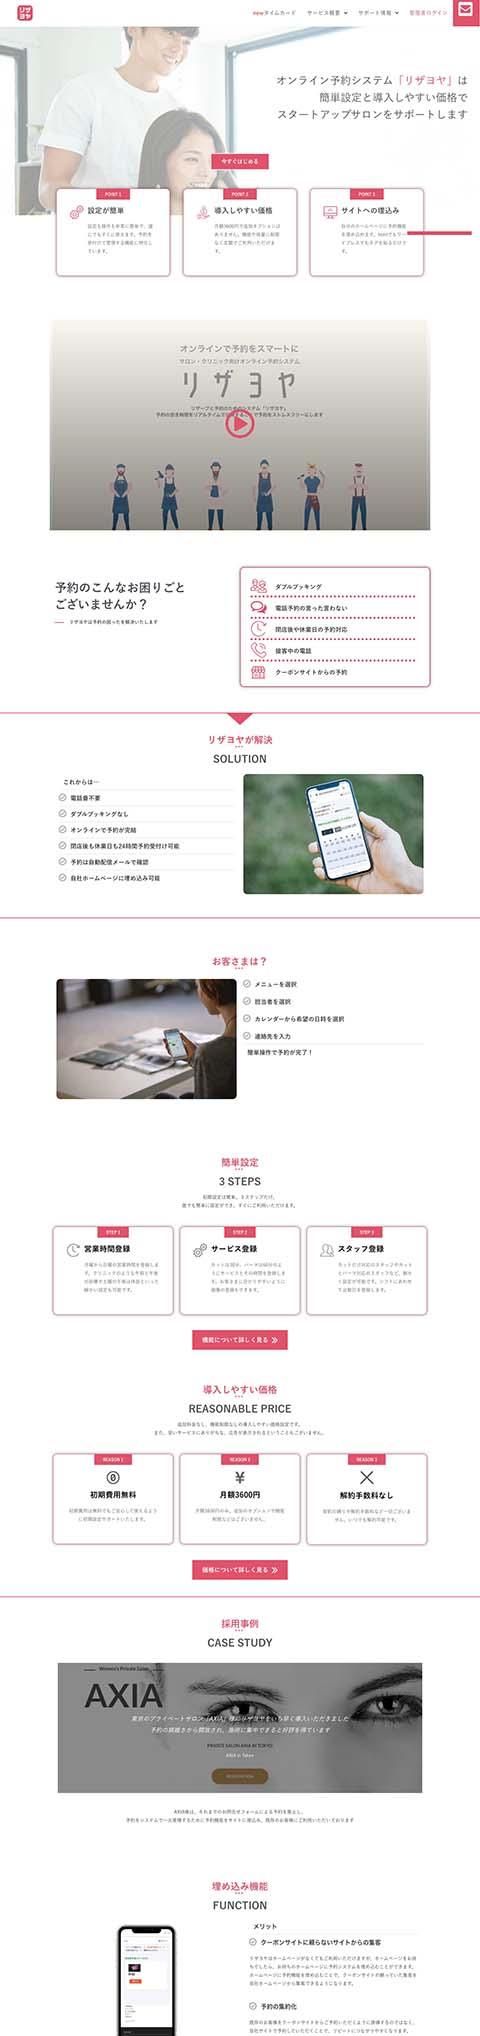 オンライン予約システム「リザヨヤ」ランディングページ画像